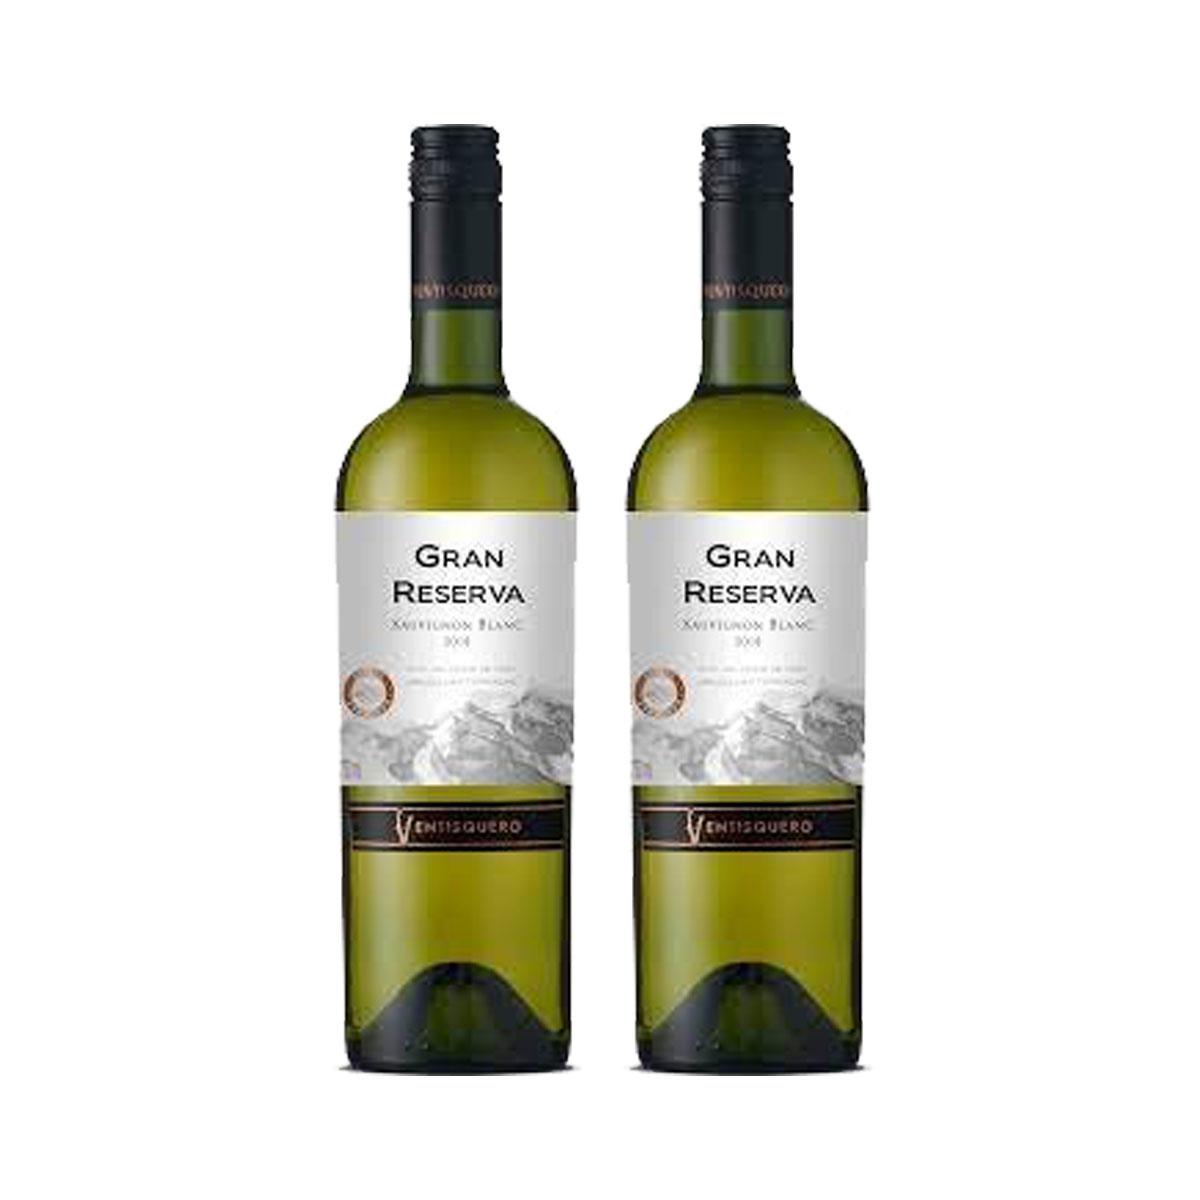 Kit 2x Vinho Branco Chileno Vestisquero Gran Reserva Sauvignon Blanc 750ml 2018